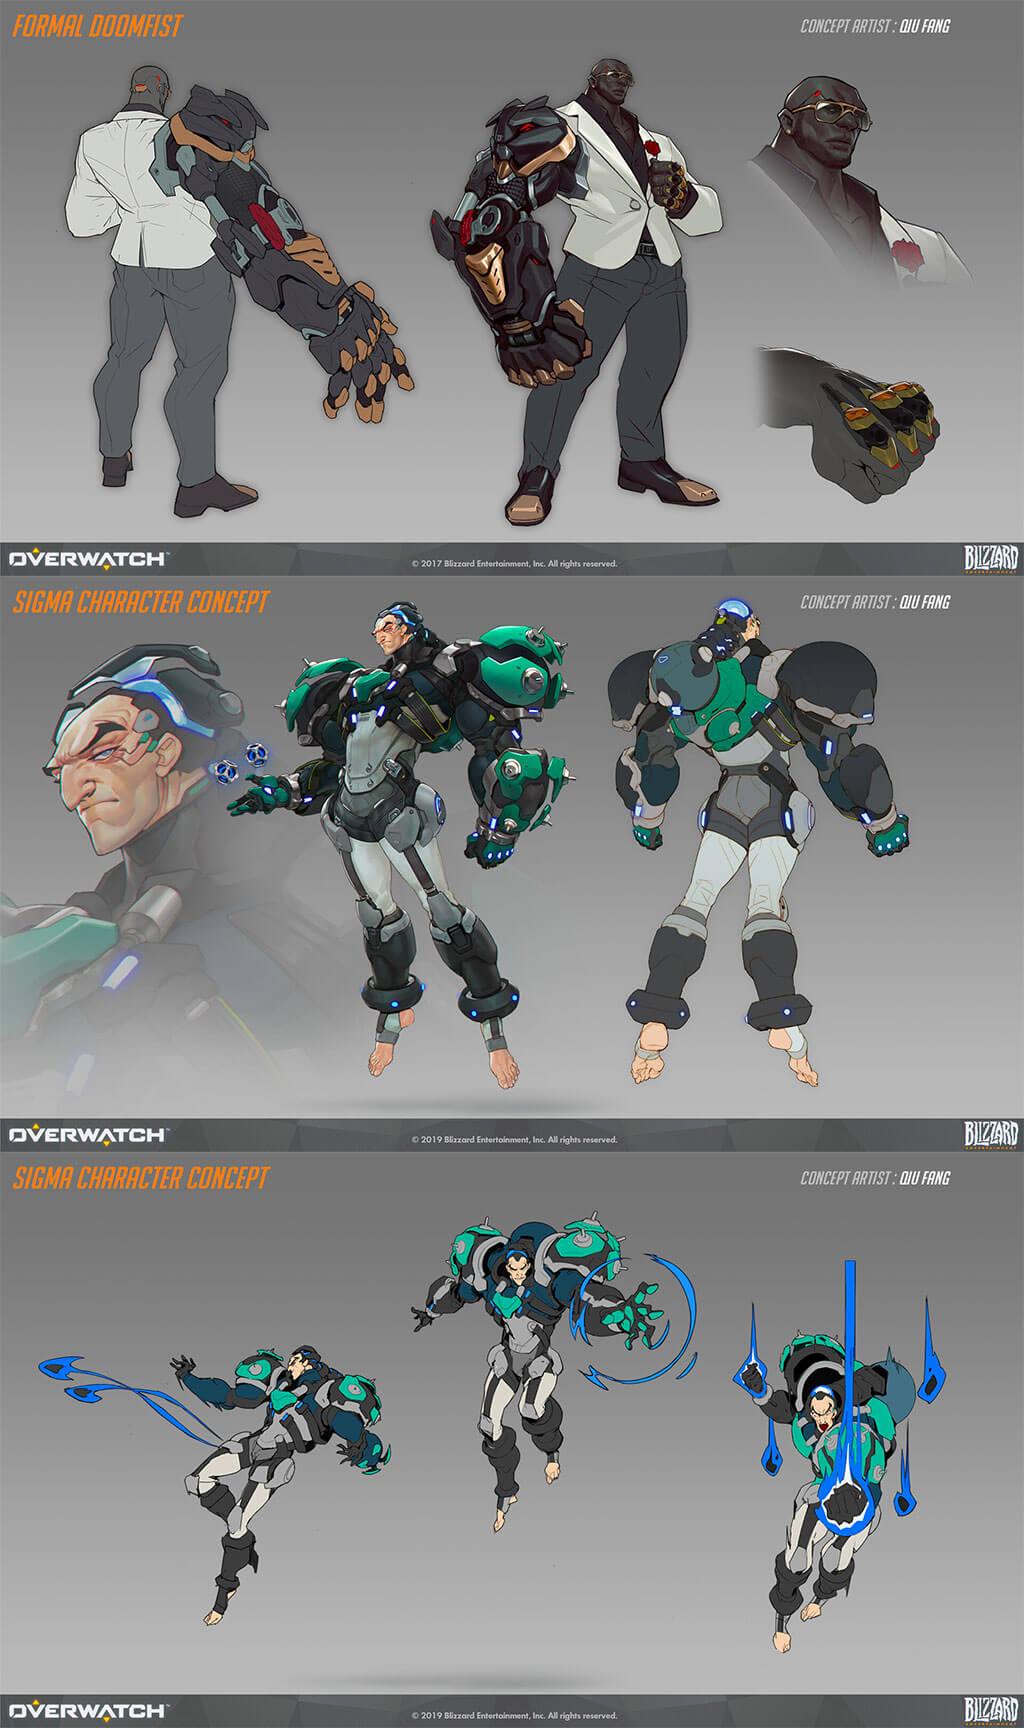 Overwatch Fan Art by Qiu Fang